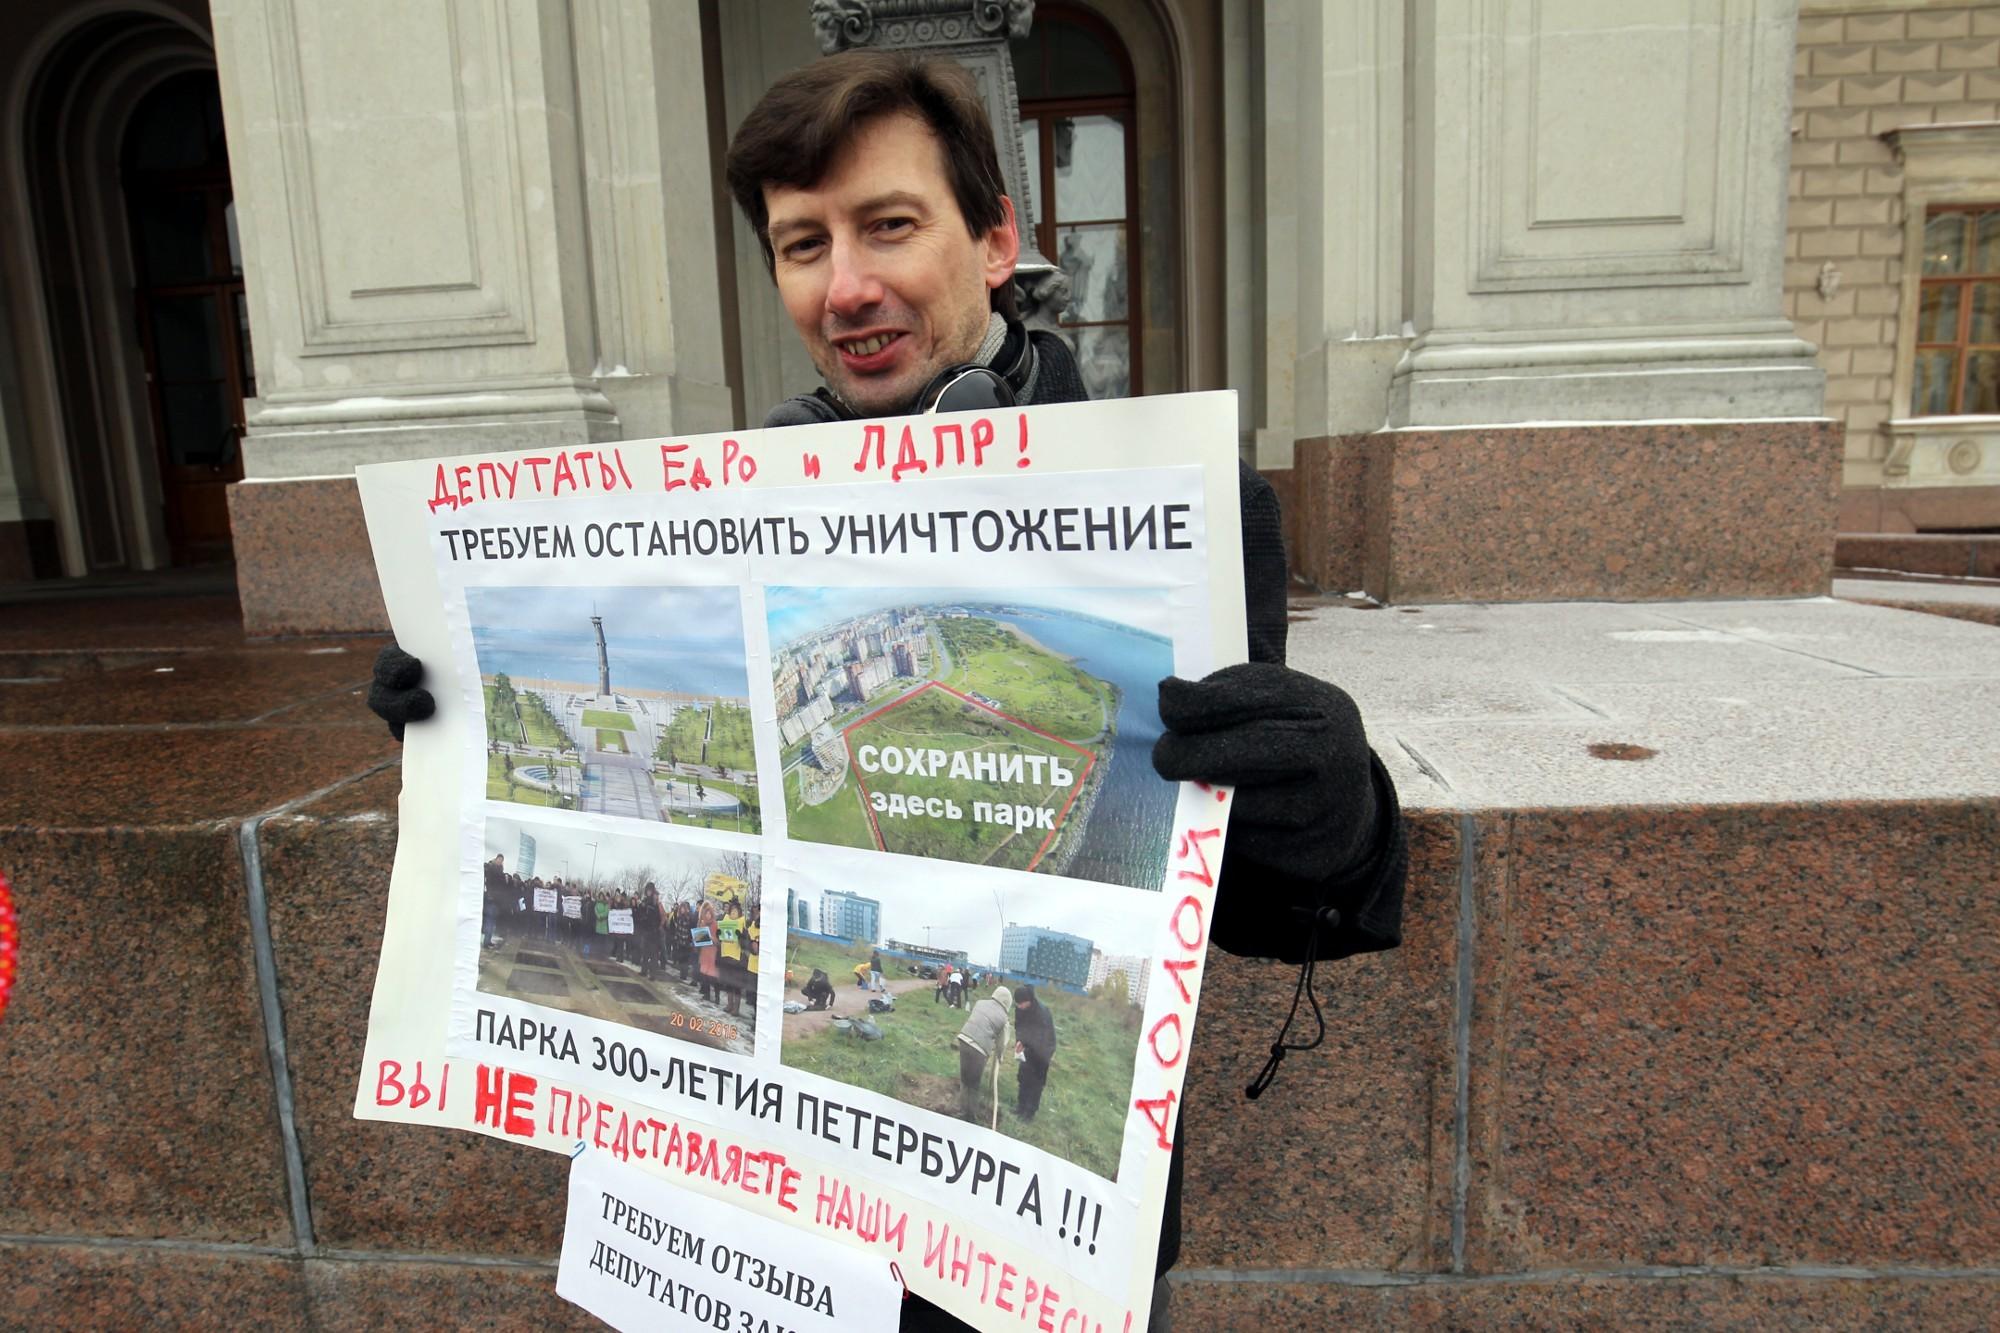 Зелёная коалиция одиночный пикет в защиту парка 300-летия Законодательное Собрание